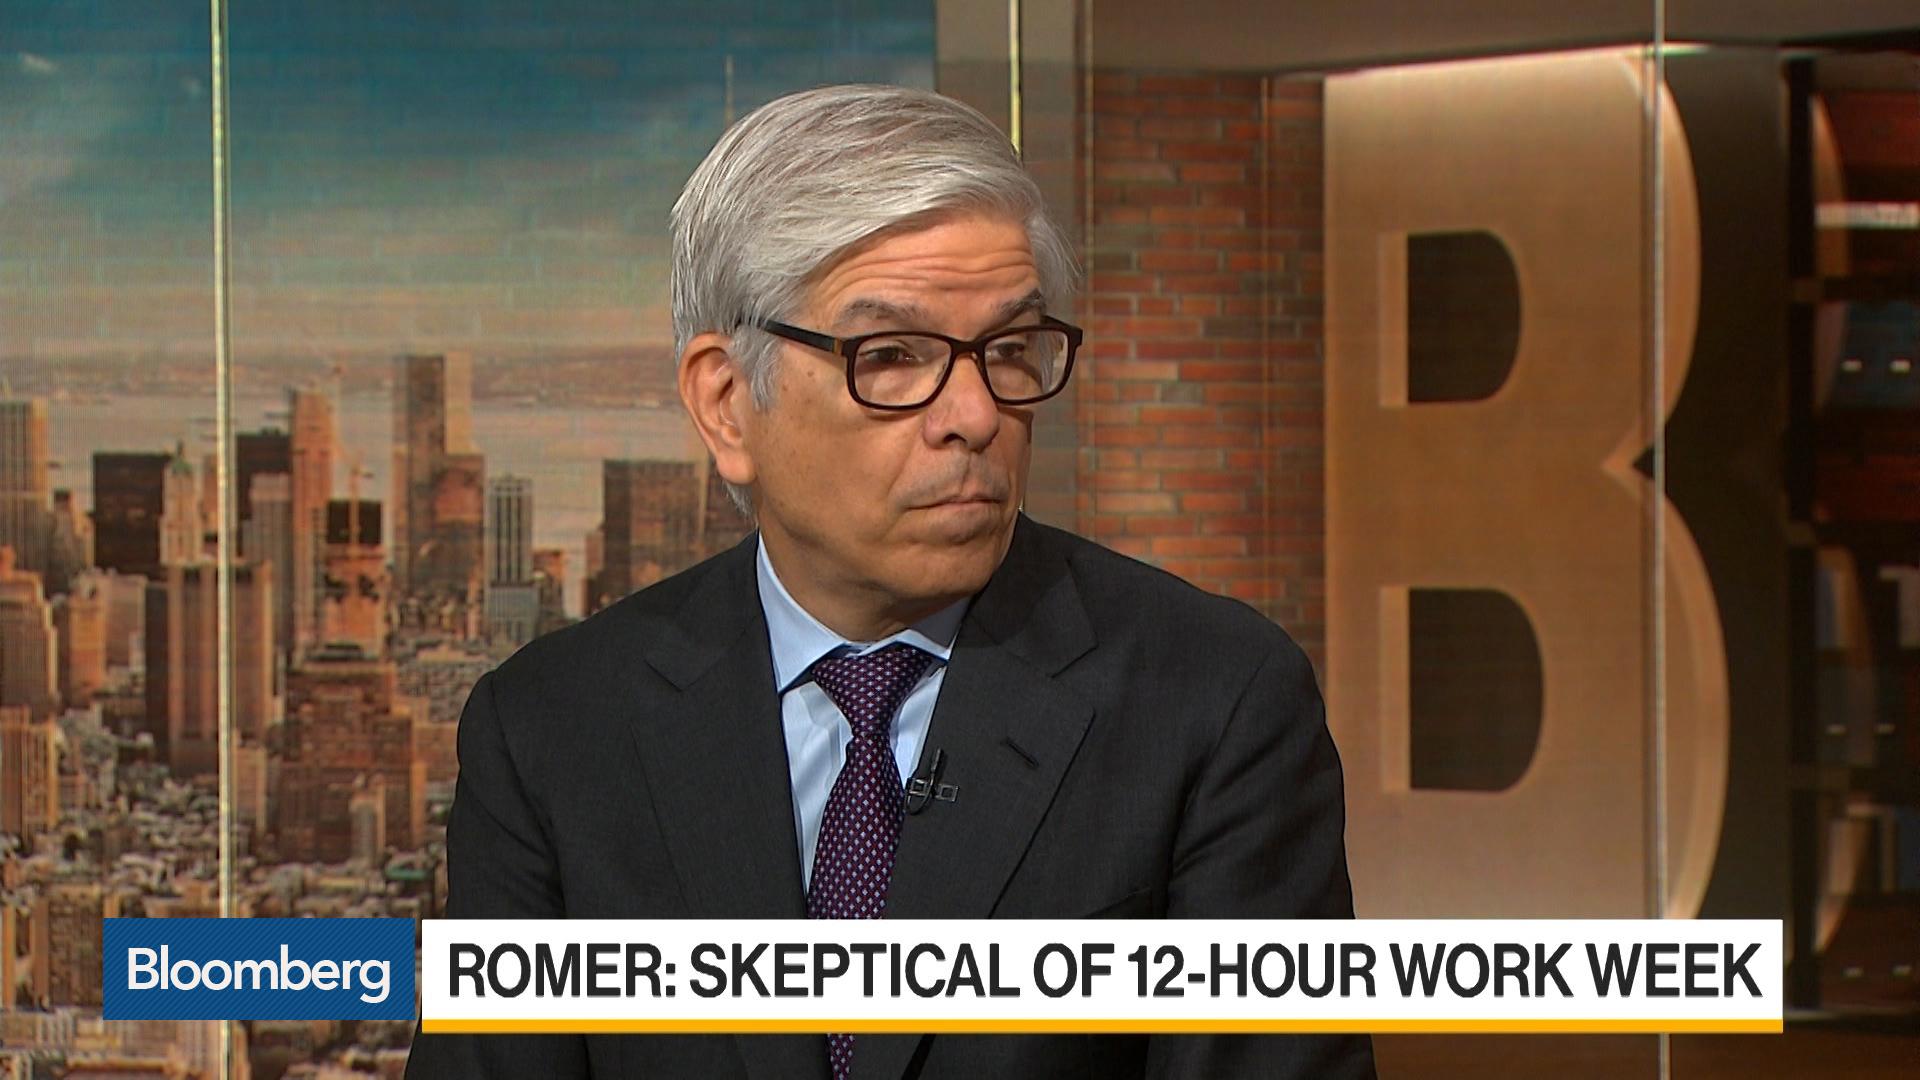 Why Nobel Laureate Paul Romer Is Skeptical of 12-Hour Work Week